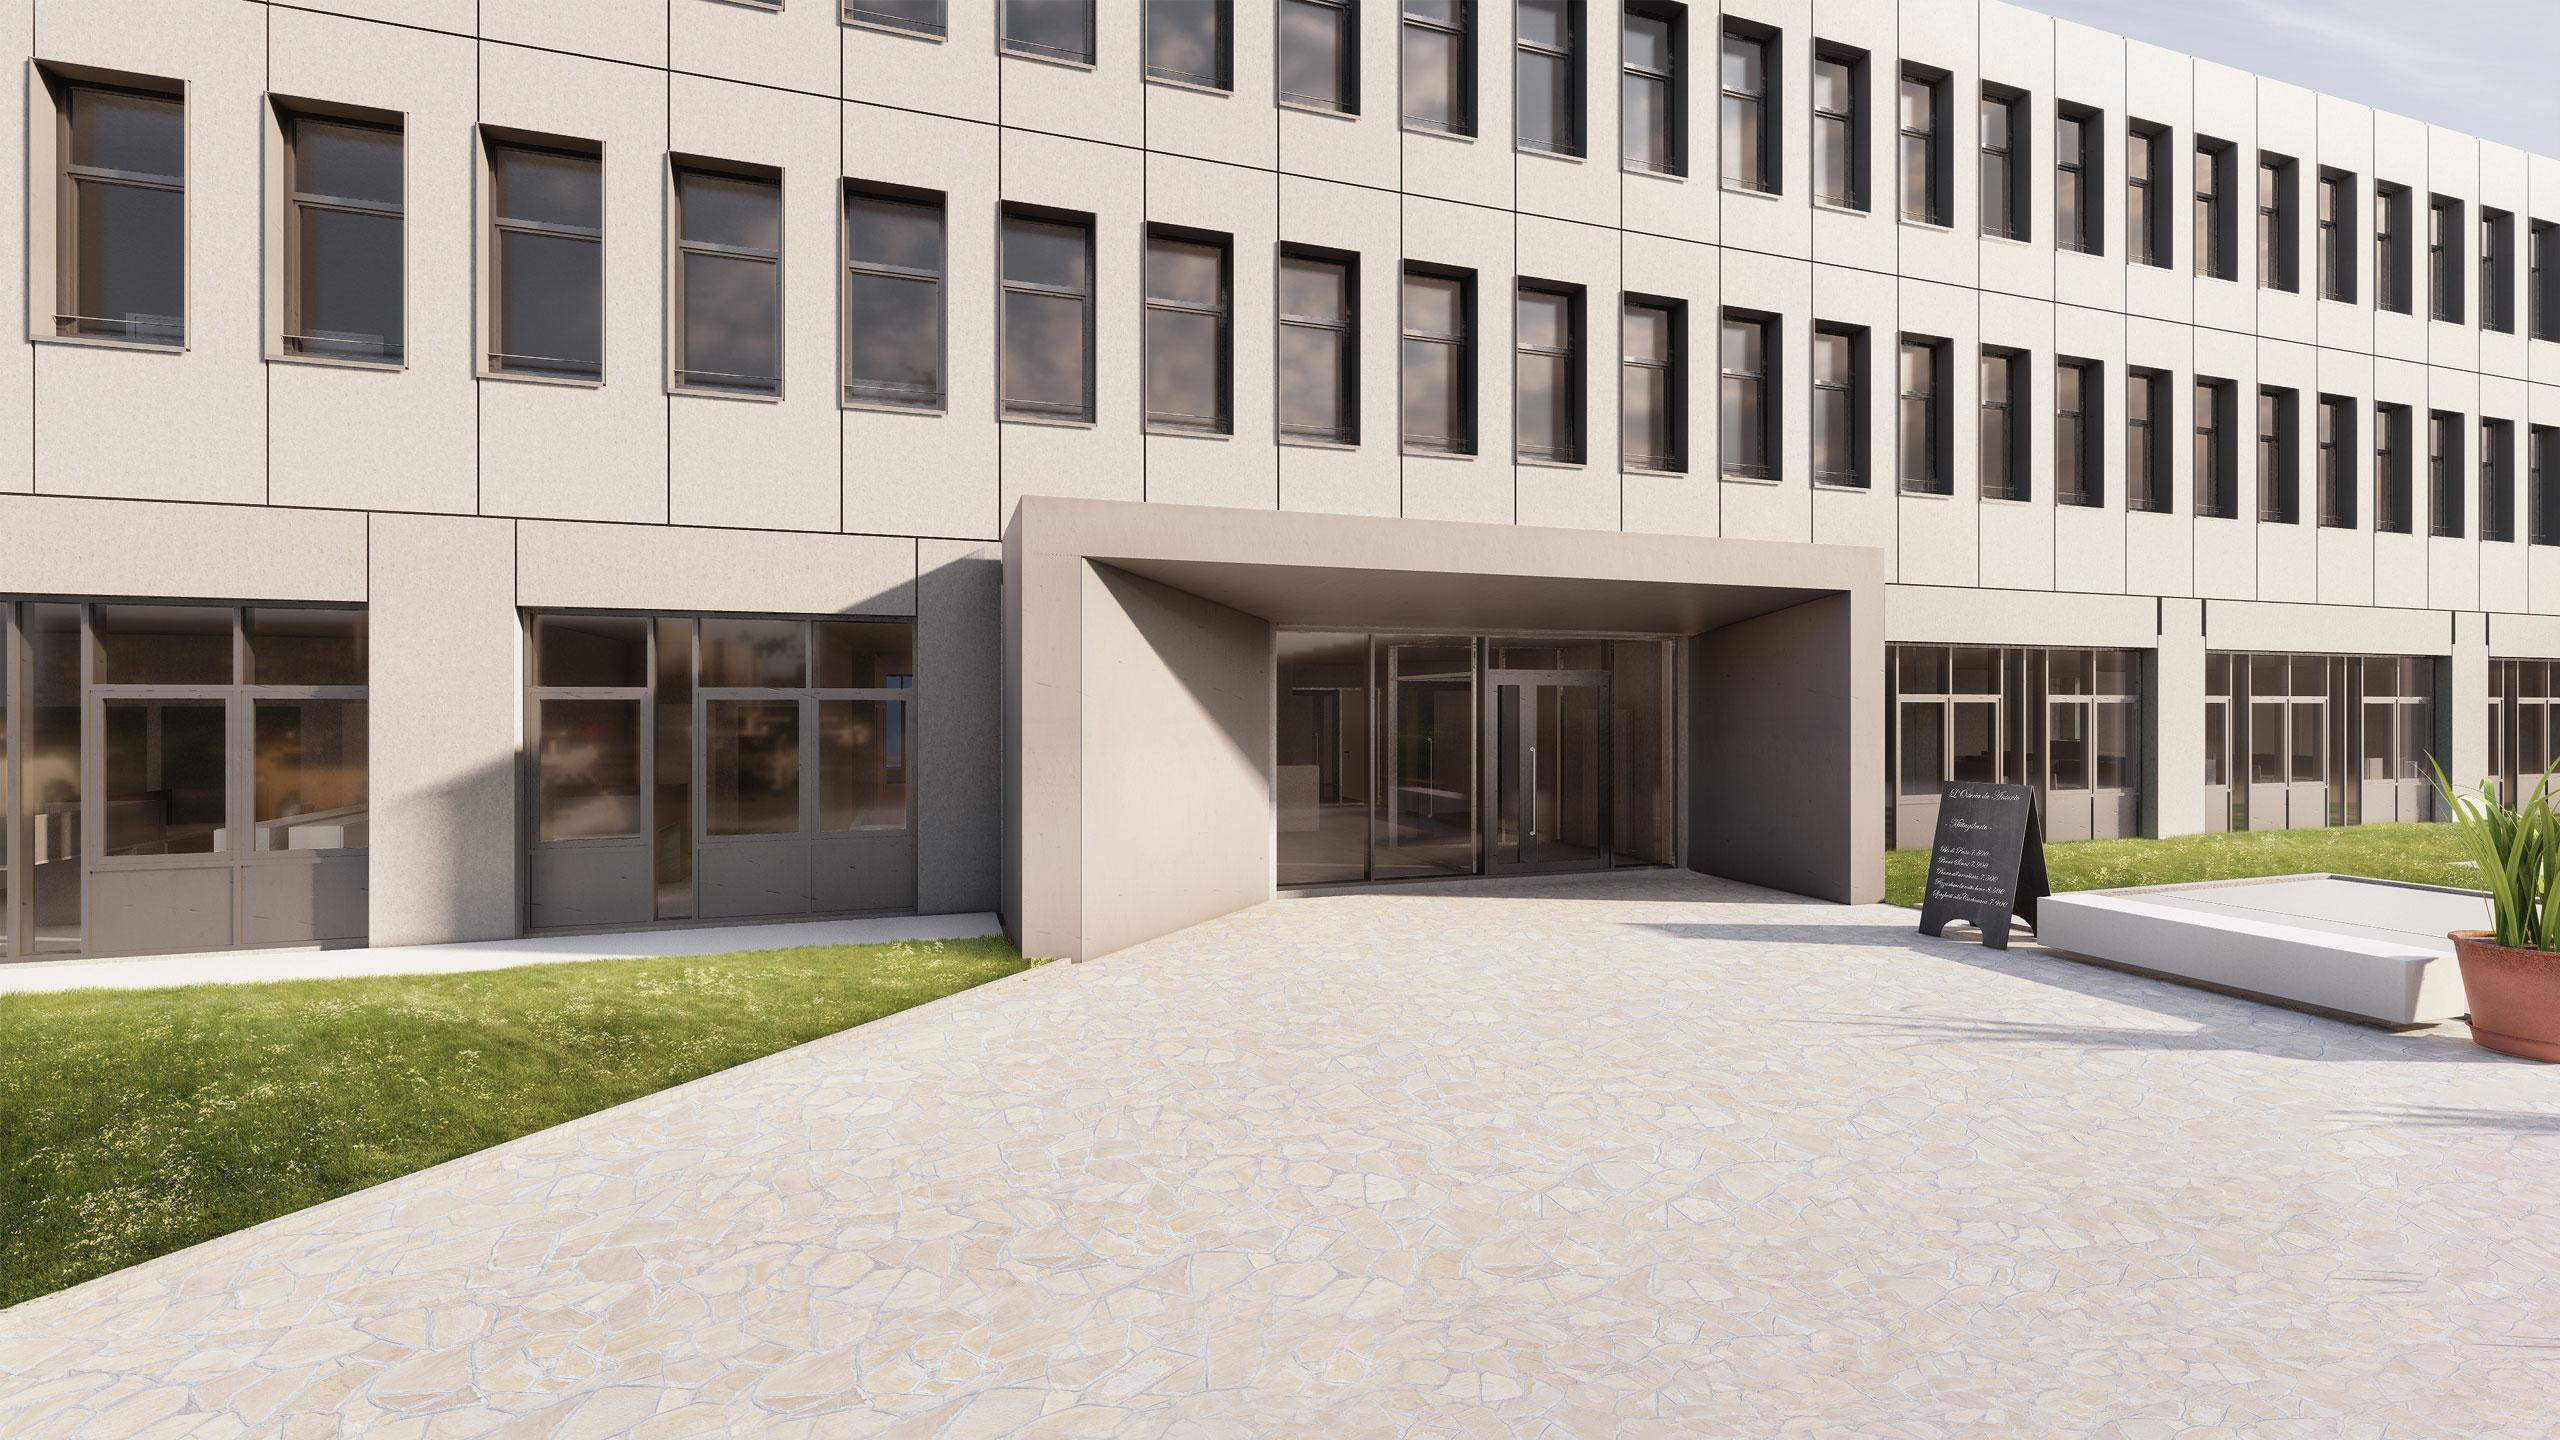 Sky_Verwaltung_Unterföhring_Bottler_Lutz_Architekten